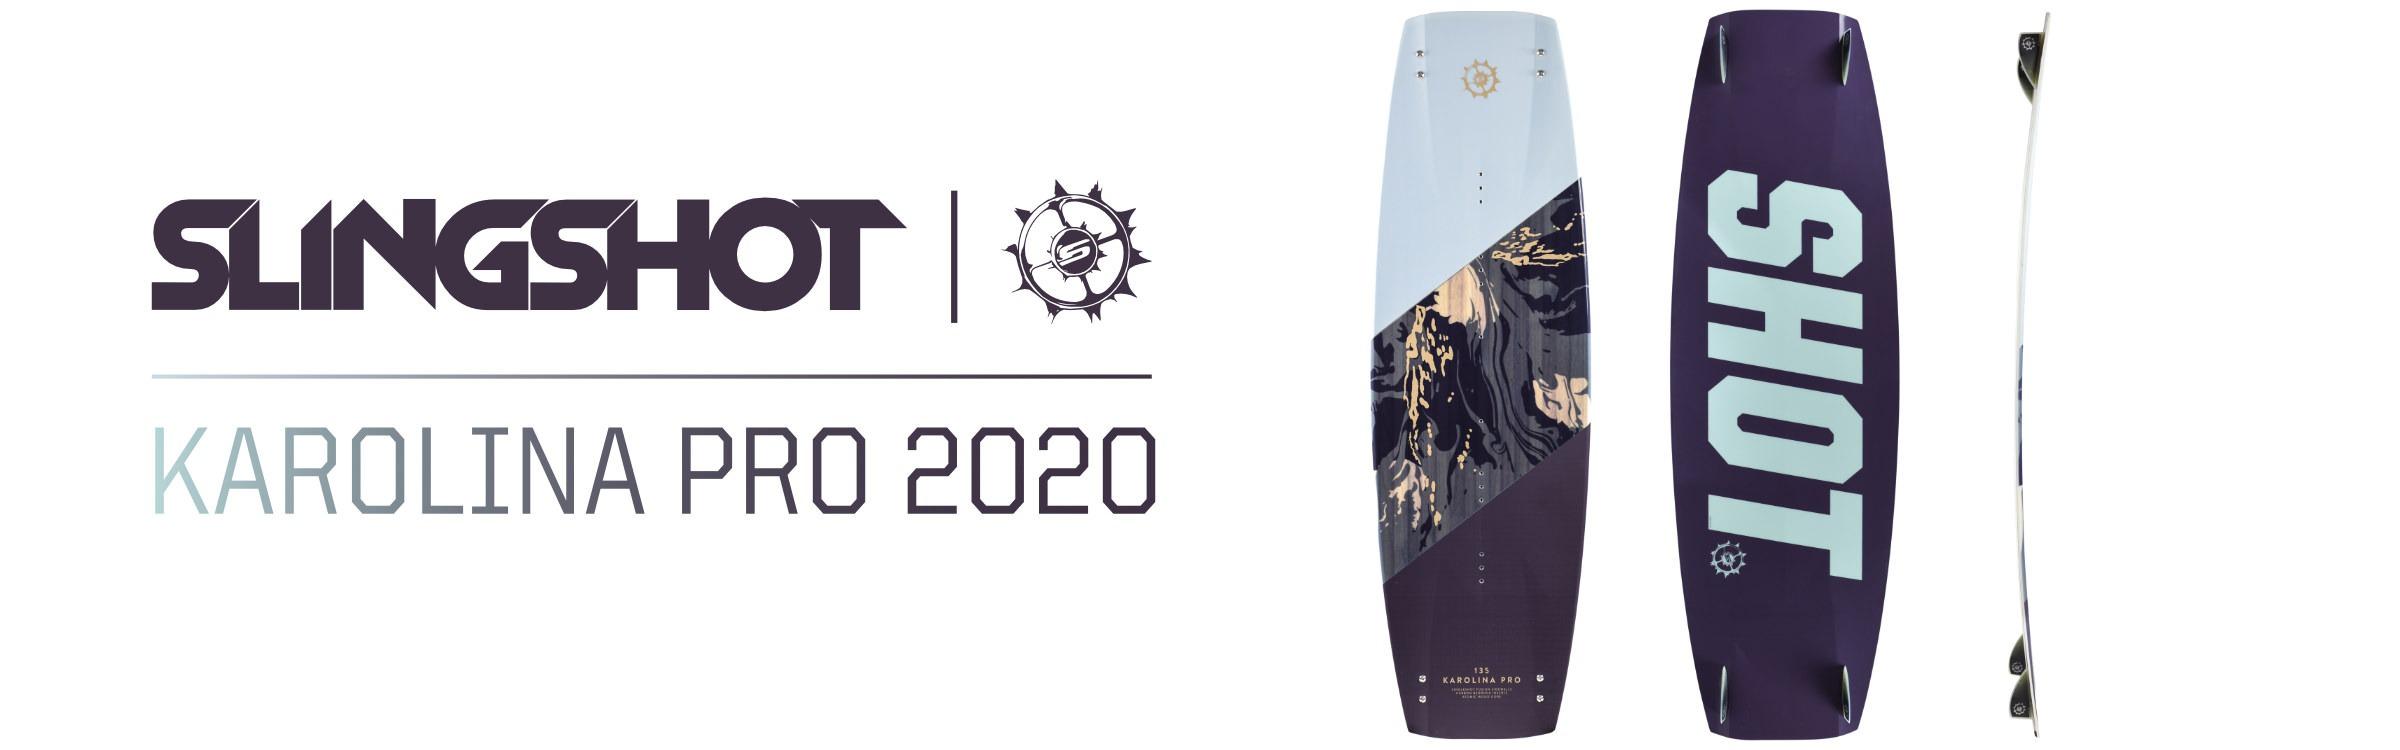 Slingshot2020Karo